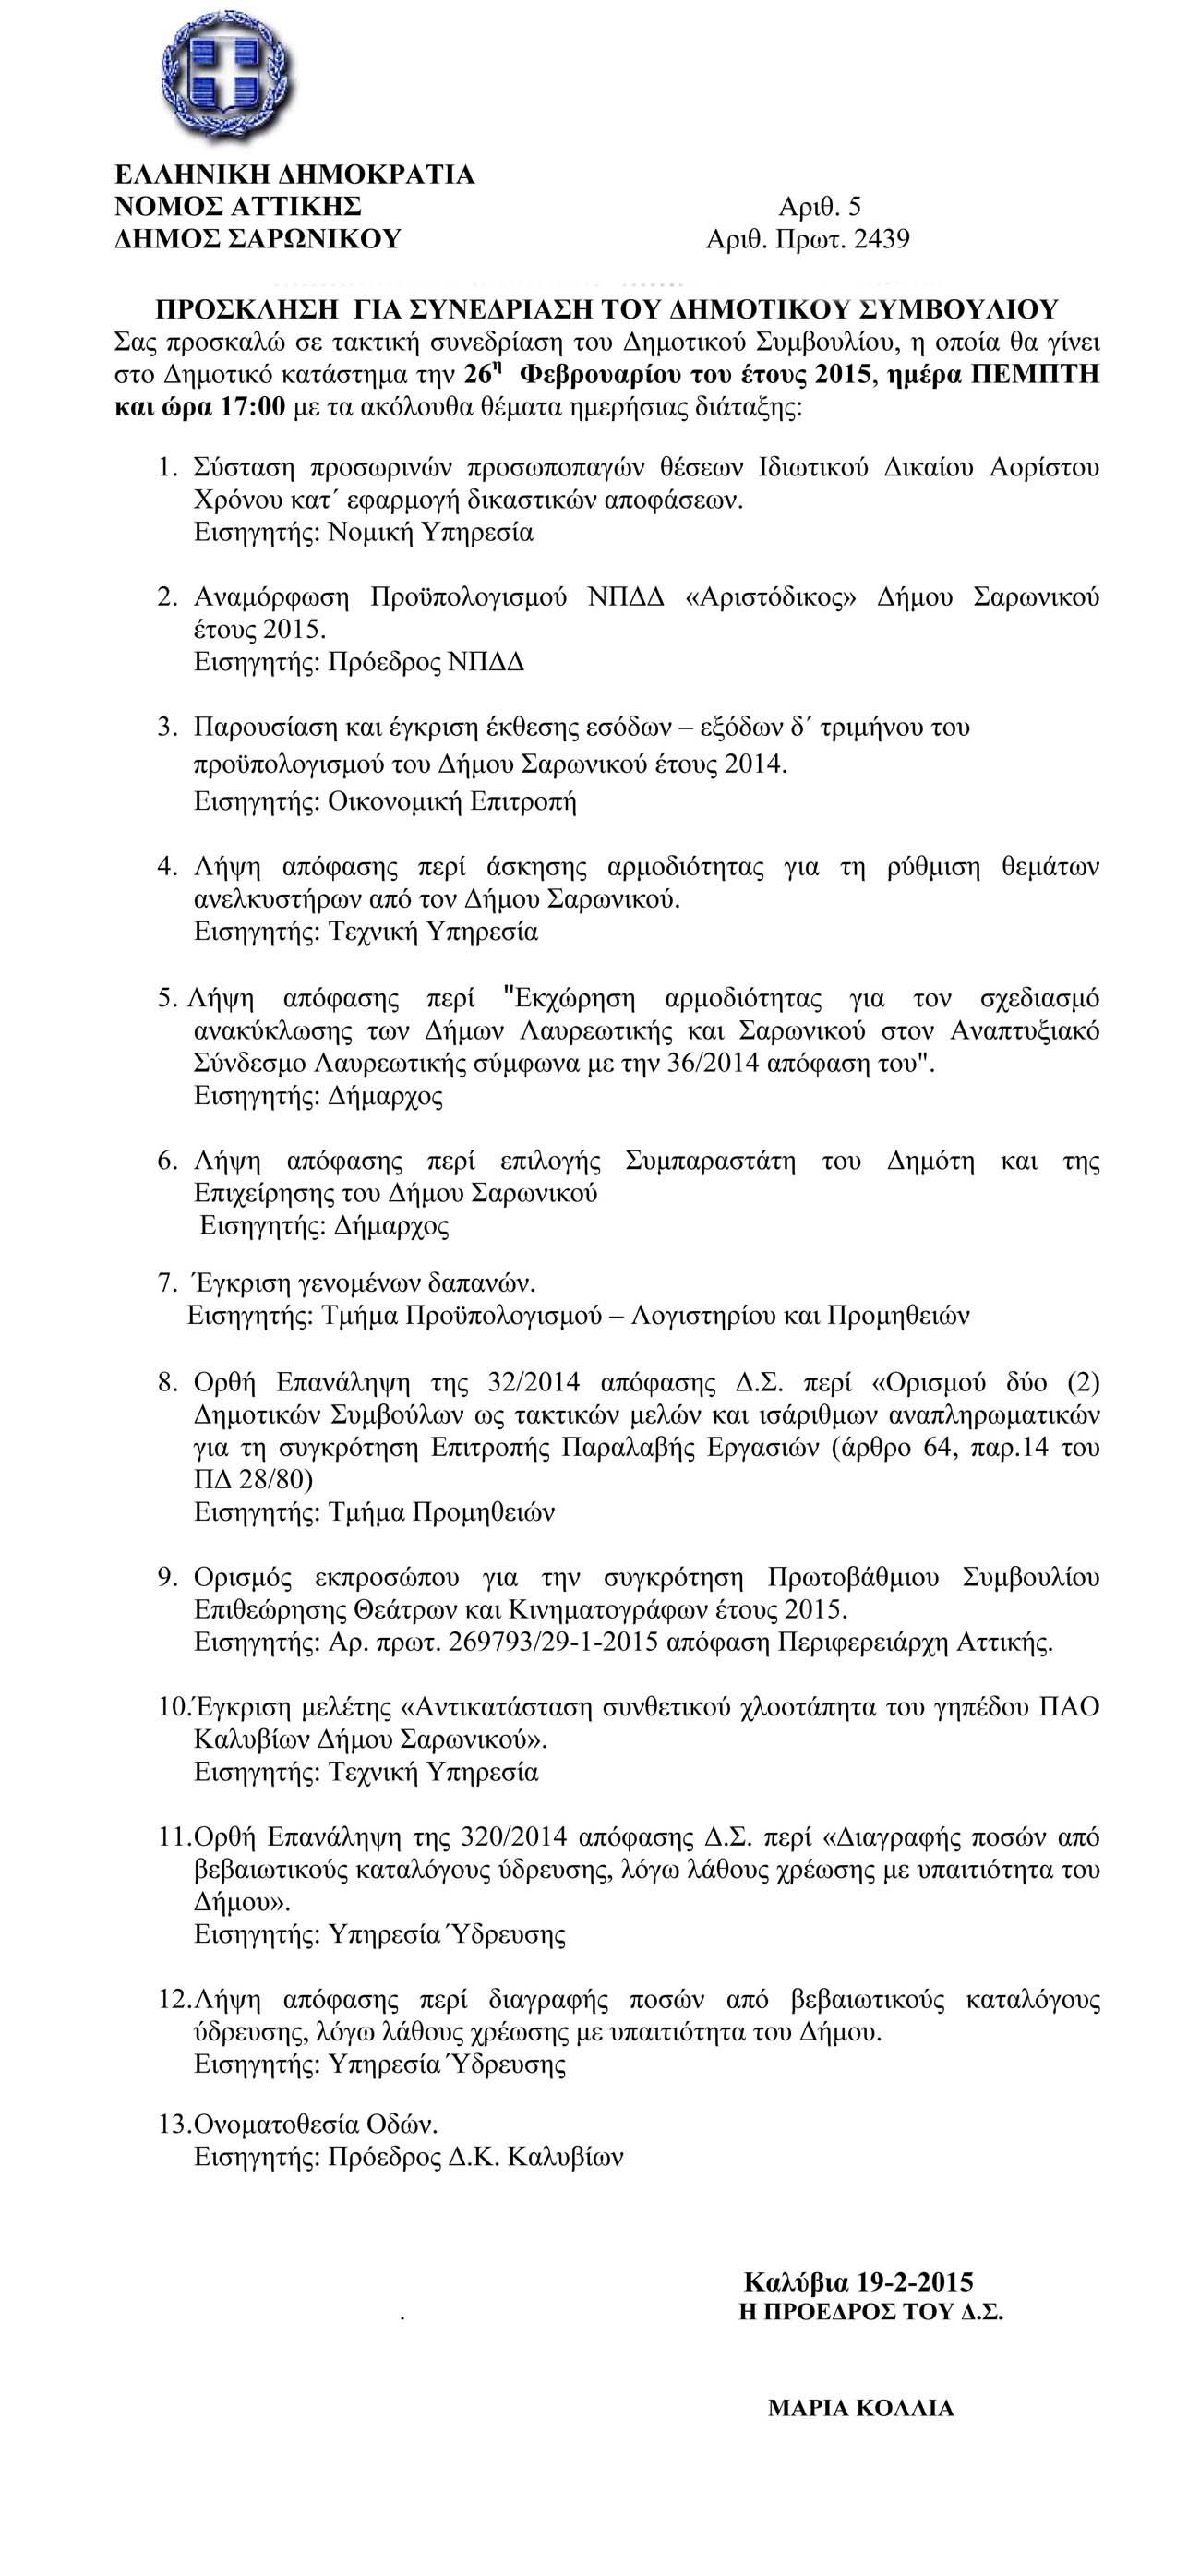 Πρόσκληση Συνεδρίασης Δημοτικού Συμβουλίου 26-2-2015-1